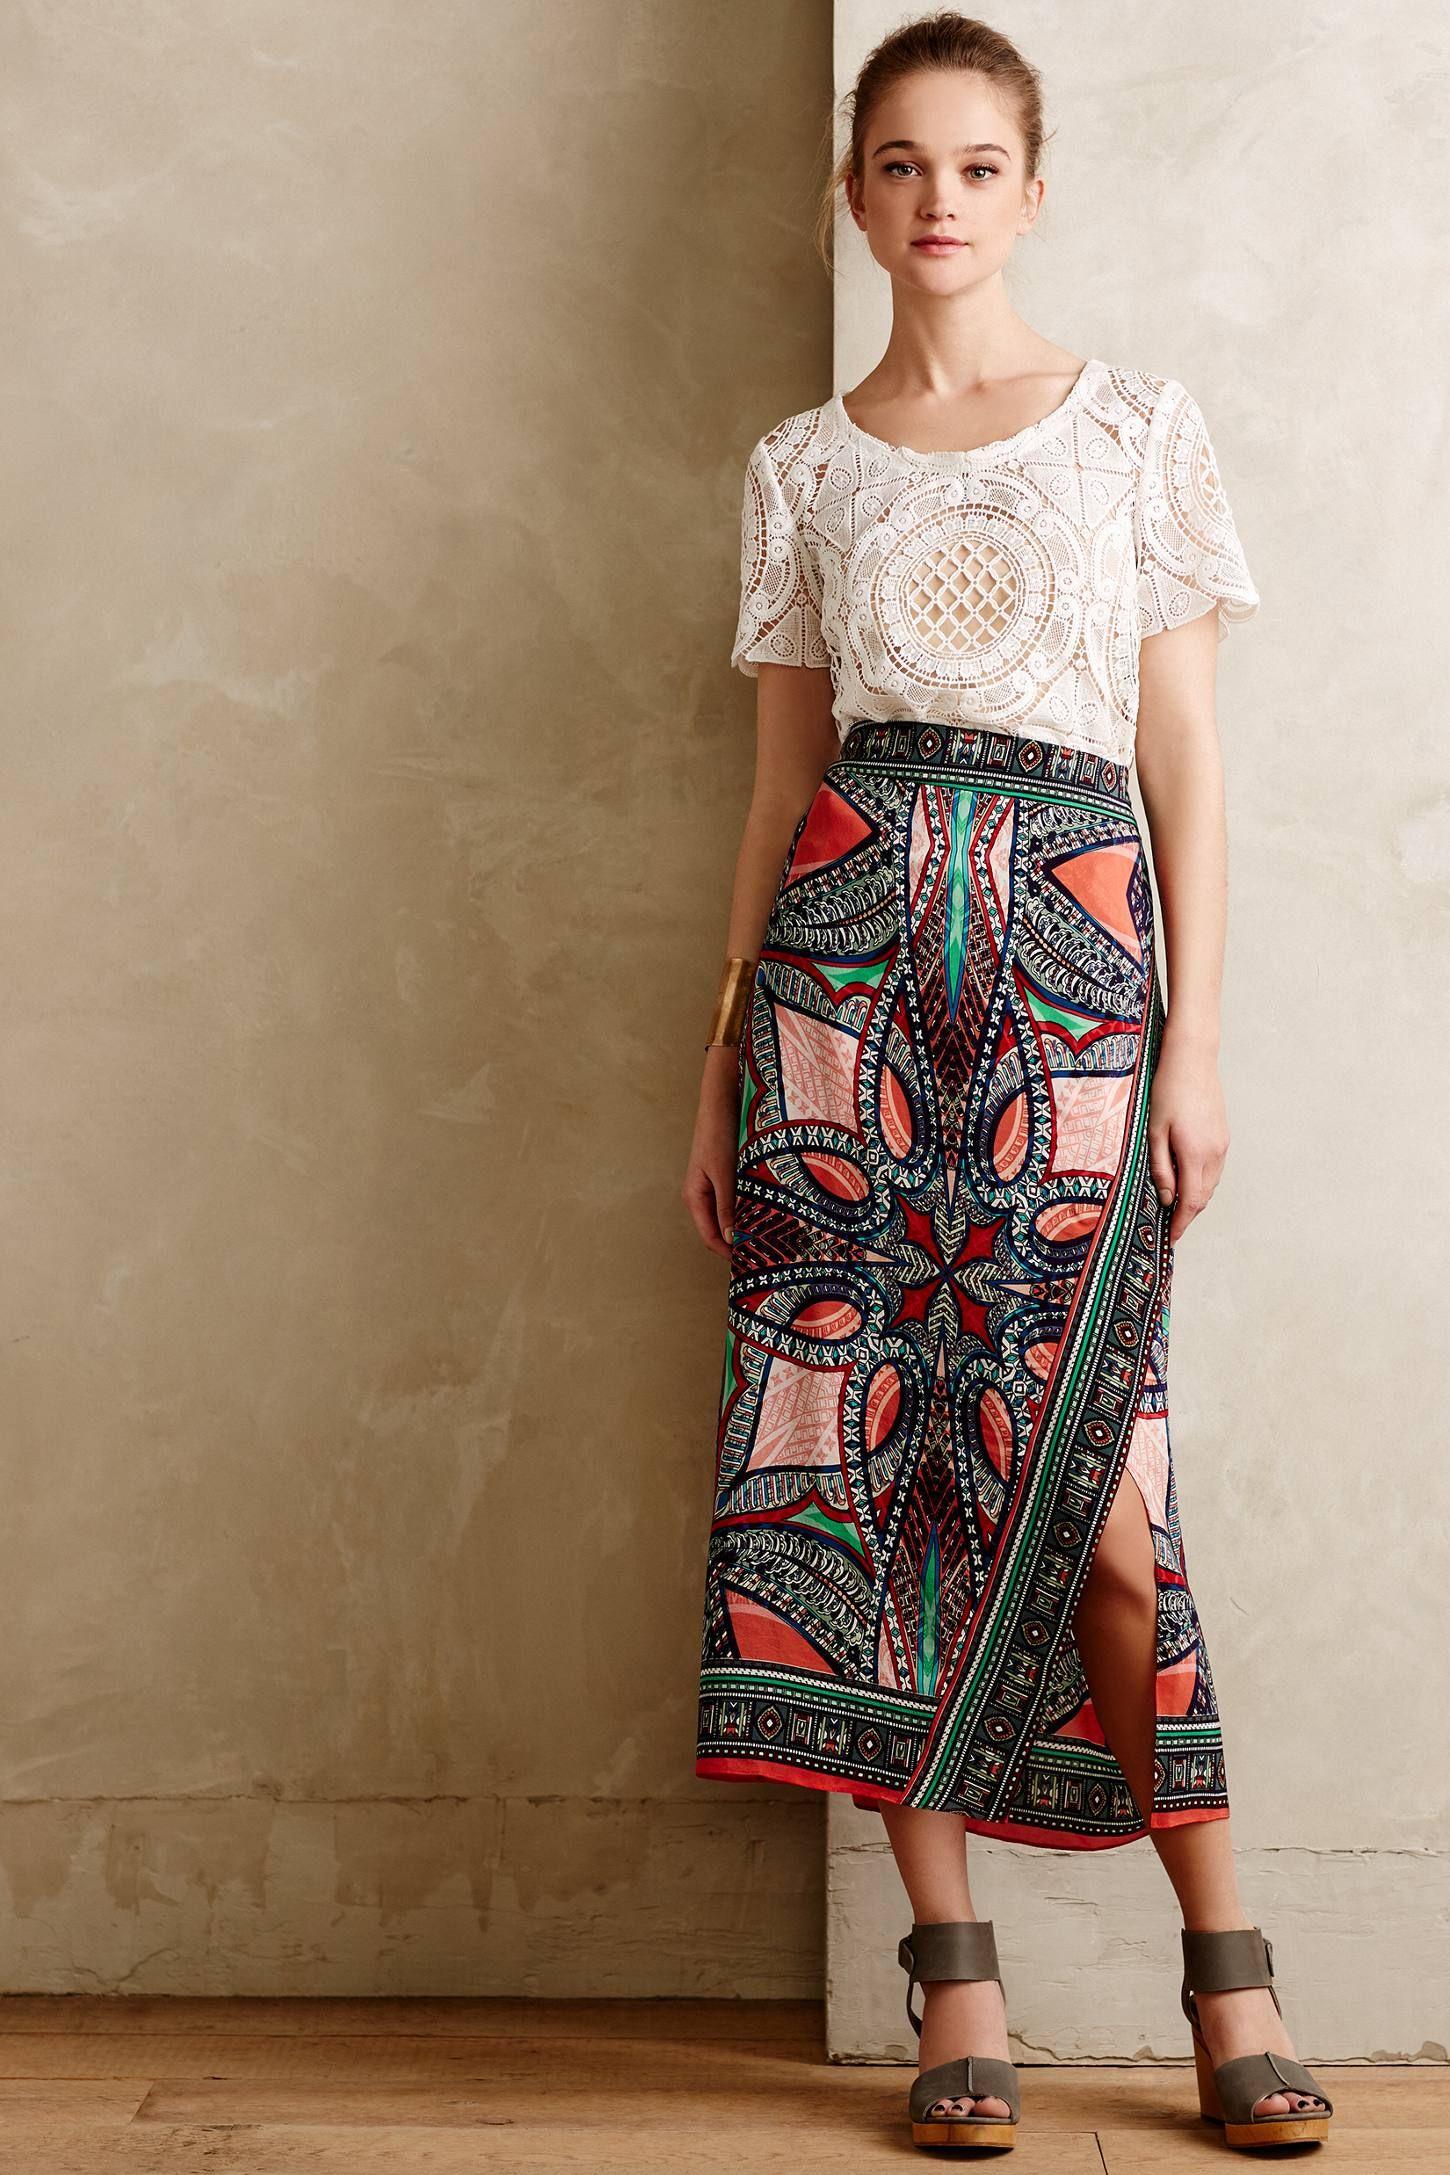 Geoda Wrap Skirt - anthropologie.com | Looks I Love <3 | Pinterest ...